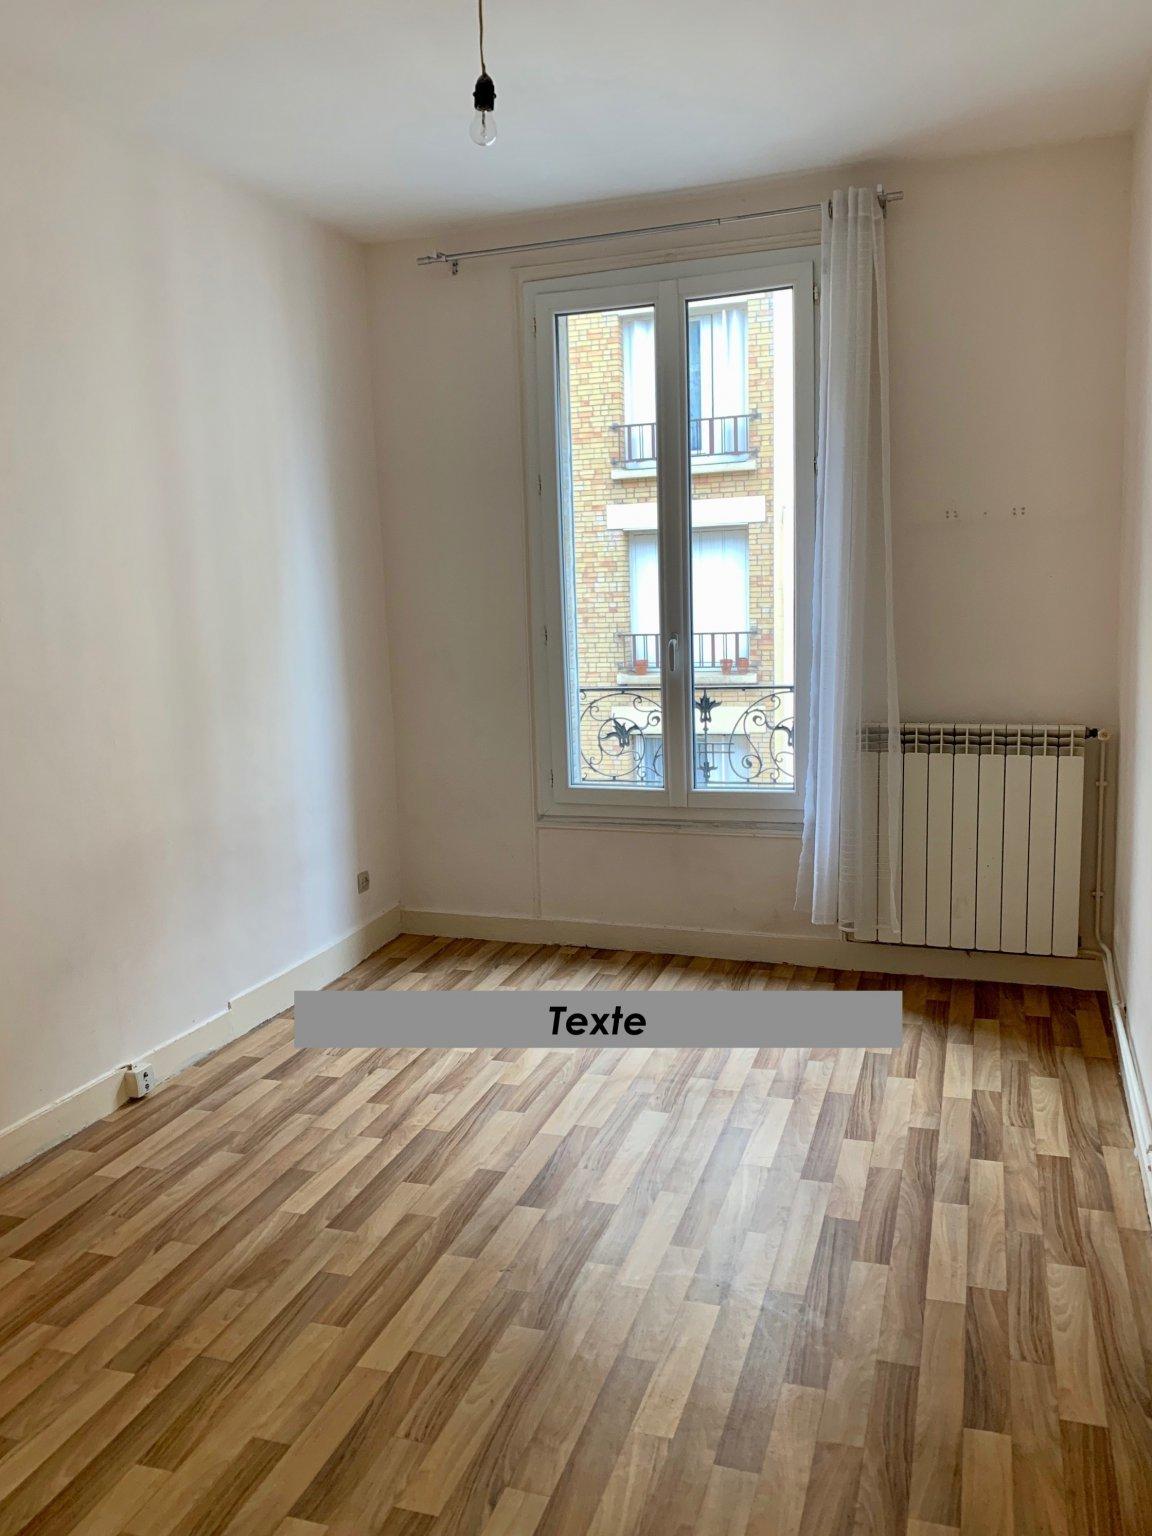 Appartement a louer boulogne-billancourt - 1 pièce(s) - 29.03 m2 - Surfyn